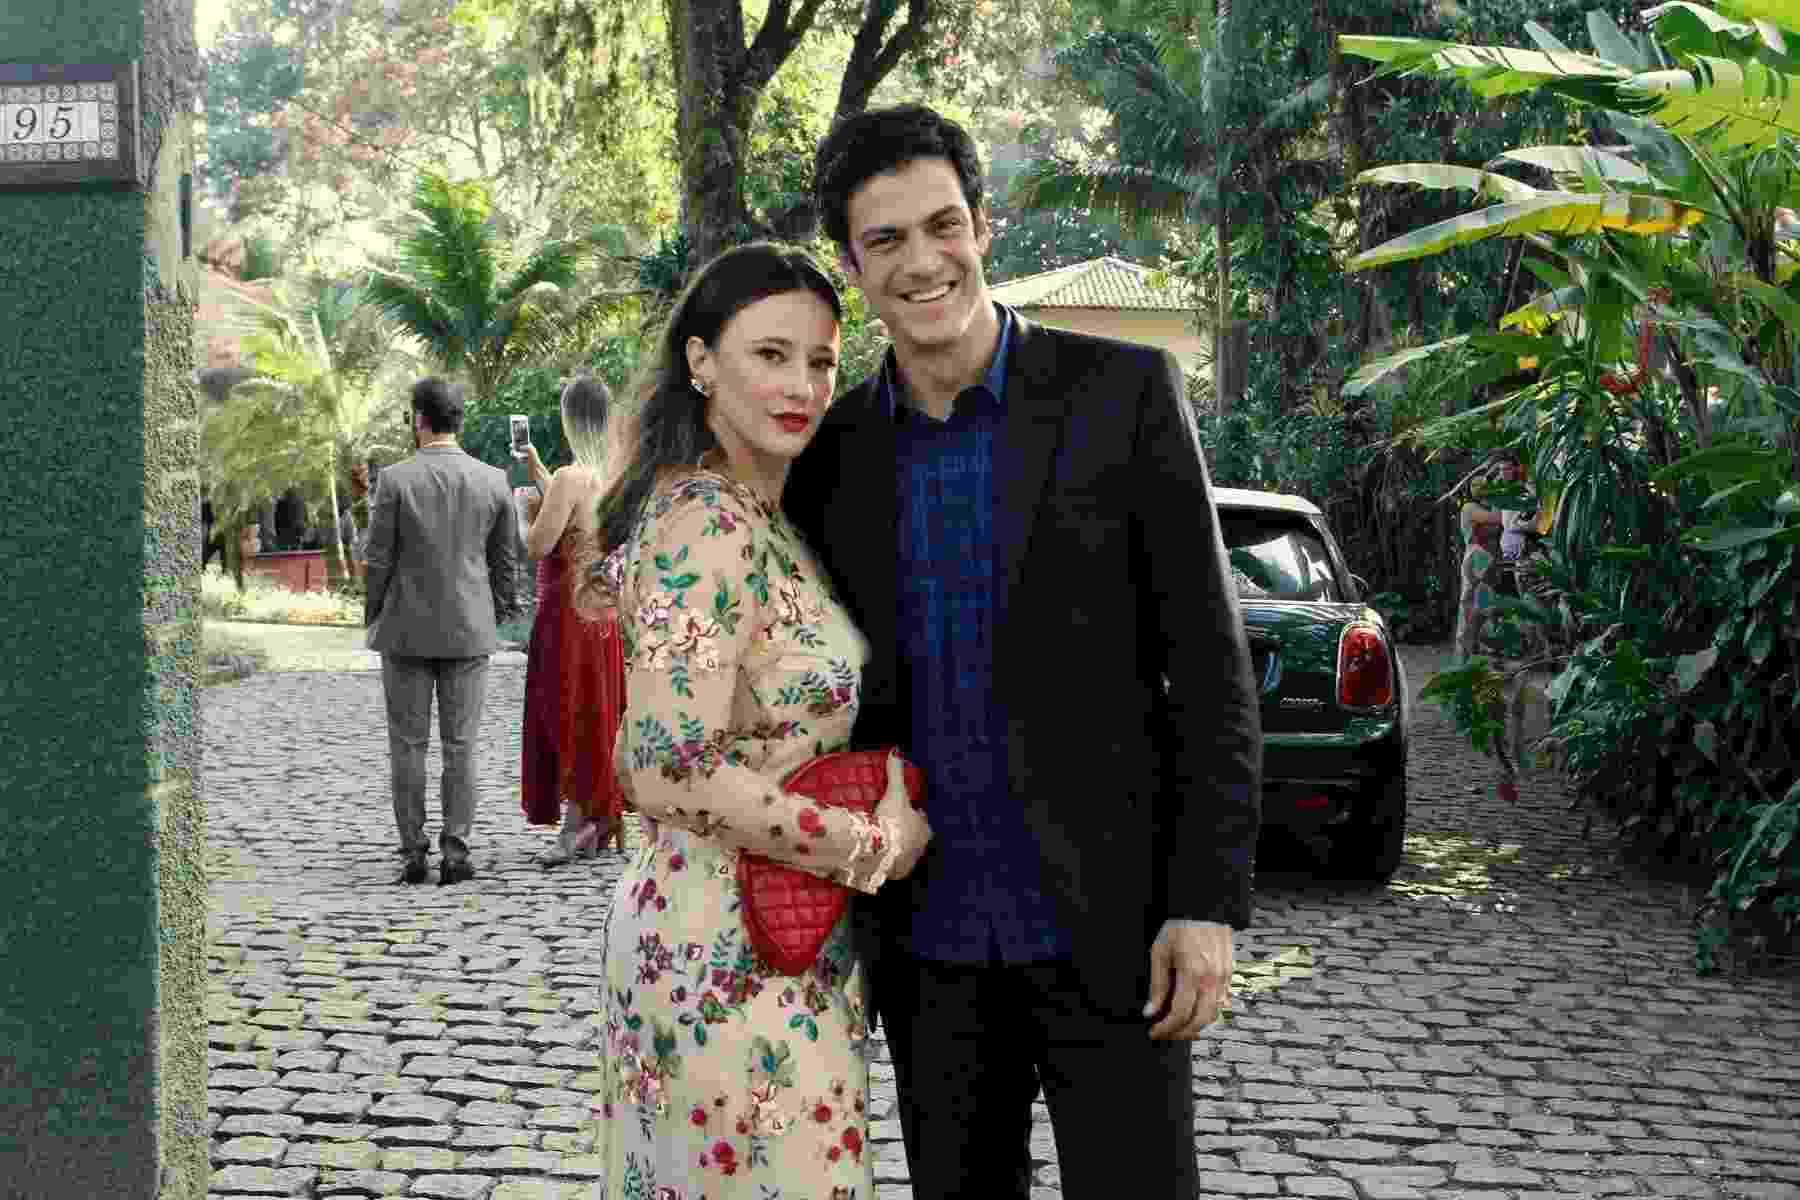 Mateus Solano e a mulher Paula Braun prestigiam o casamento de Maíra Charken e Renato Antunes no Espaço Paradisus em Vargem Grande, zona oeste do Rio - Thyago Andrade/BrazilNews